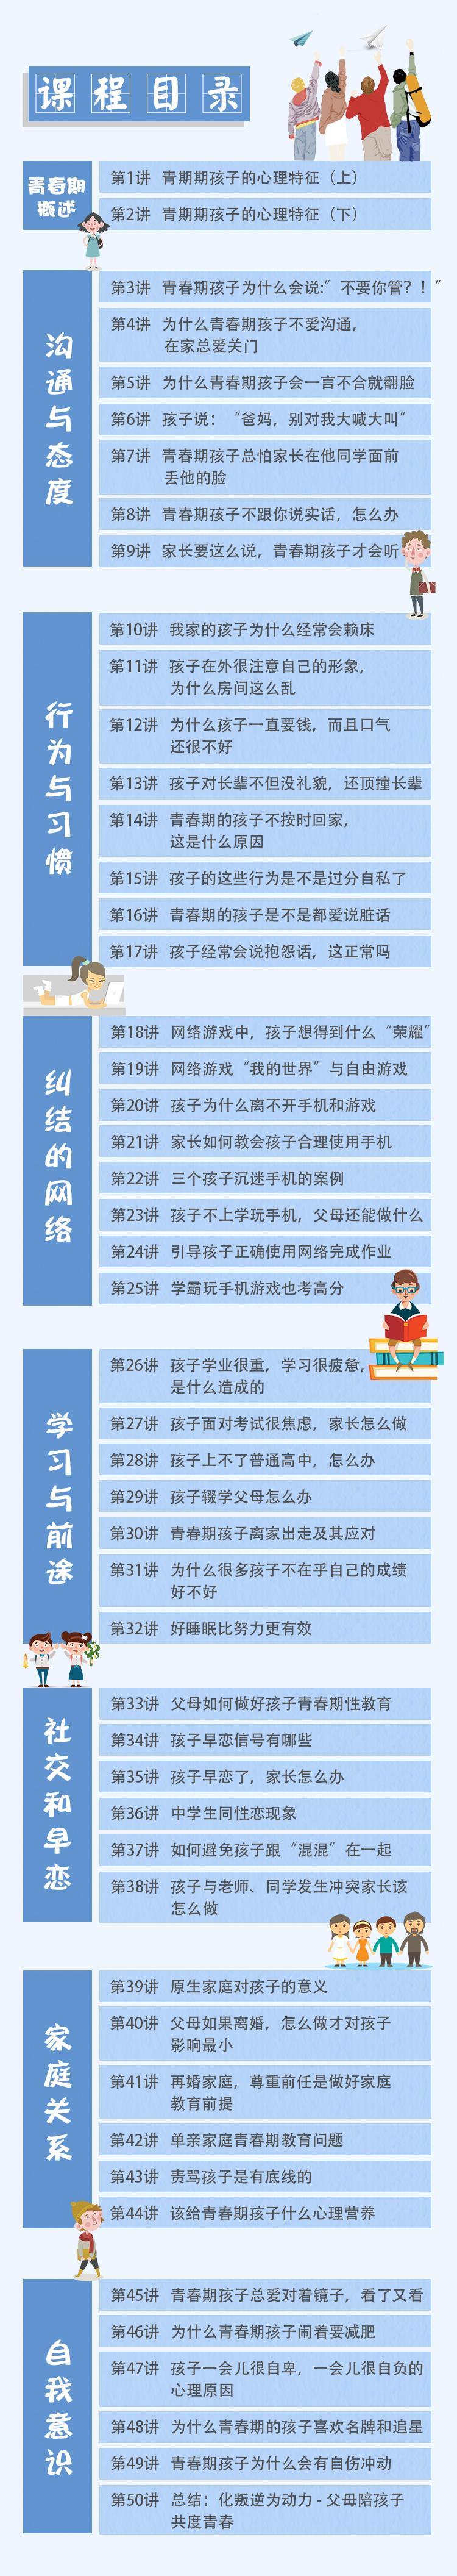 教程_芳华期生理教导课共50课